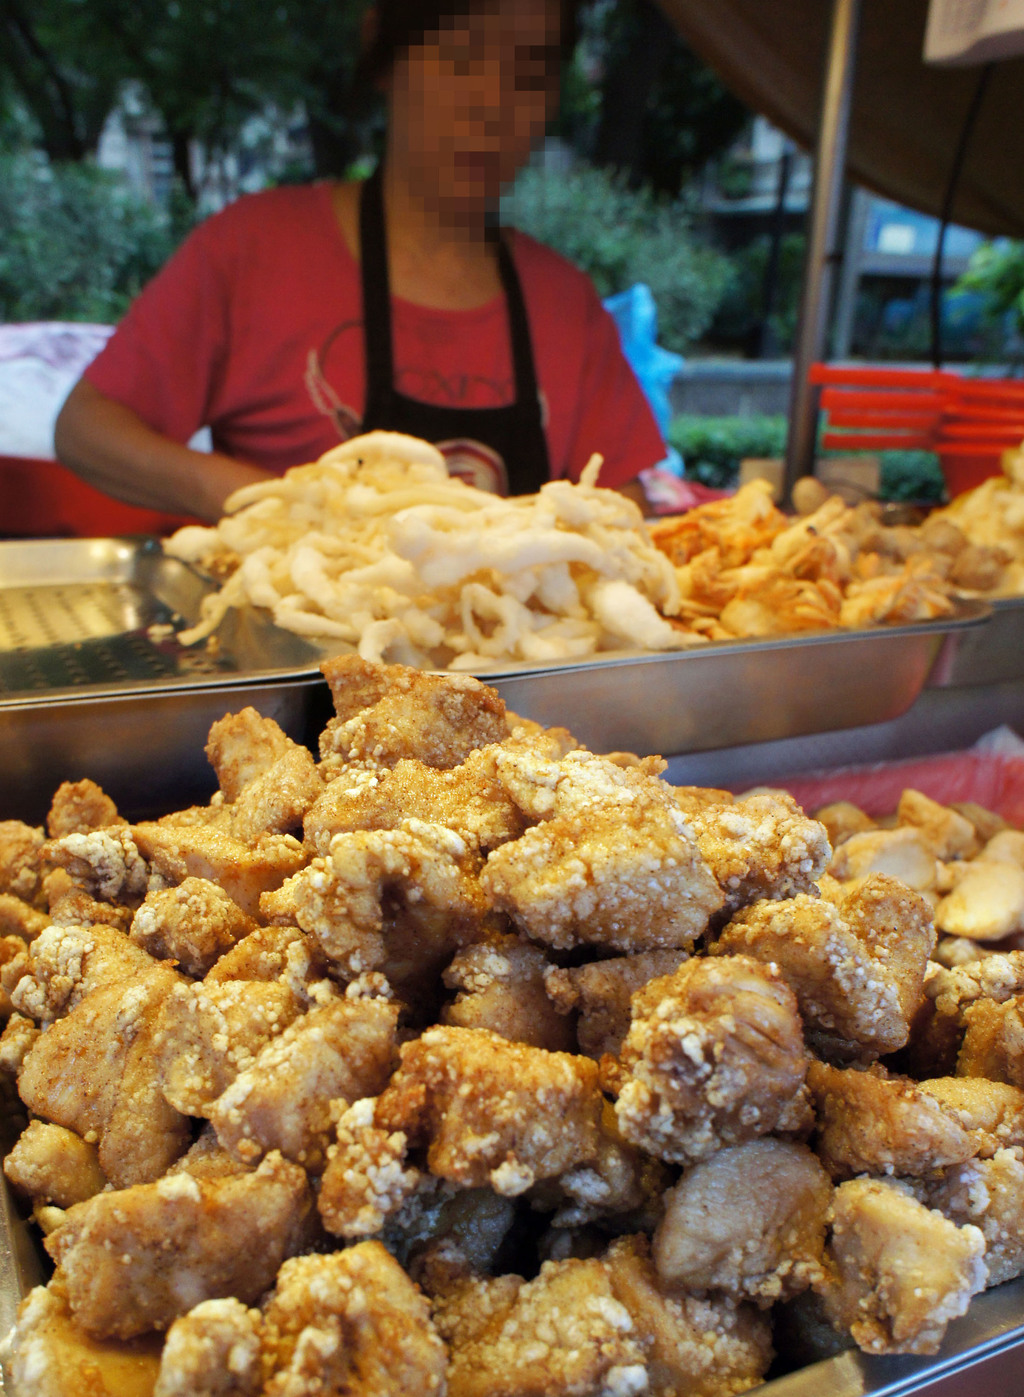 康健雜誌29日公布10大危險小吃,廣受歡迎的鹽酥雞登榜首,150克的鹽酥雞約有585大卡,如果每天吃1份,1個月就會爆肥2公斤。中央社記者...